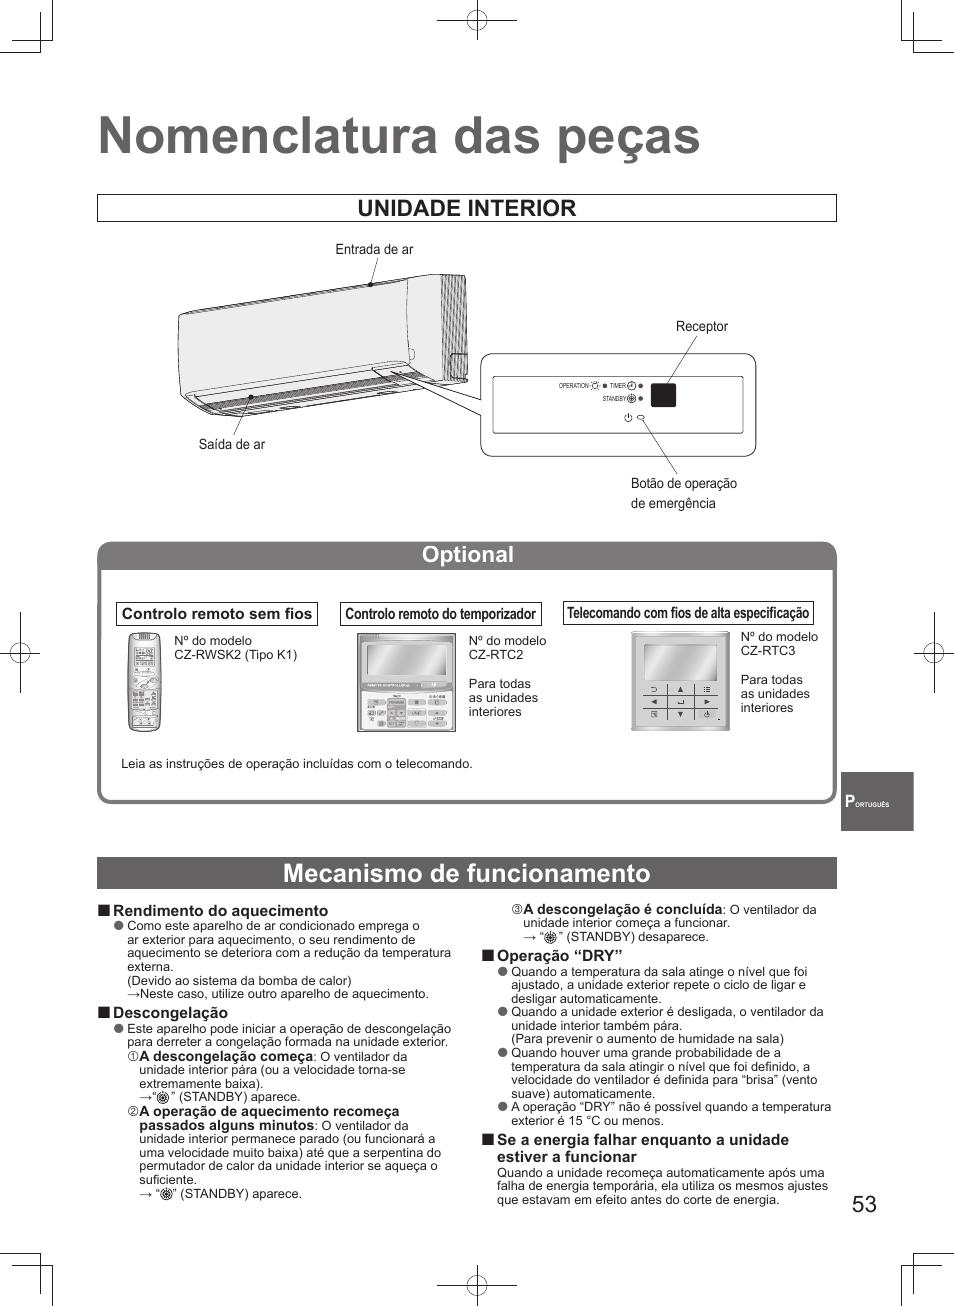 Nomenclatura das peças, Mecanismo de funcionamento, Unidade interior |  Optional | Panasonic S45MK1E5A User